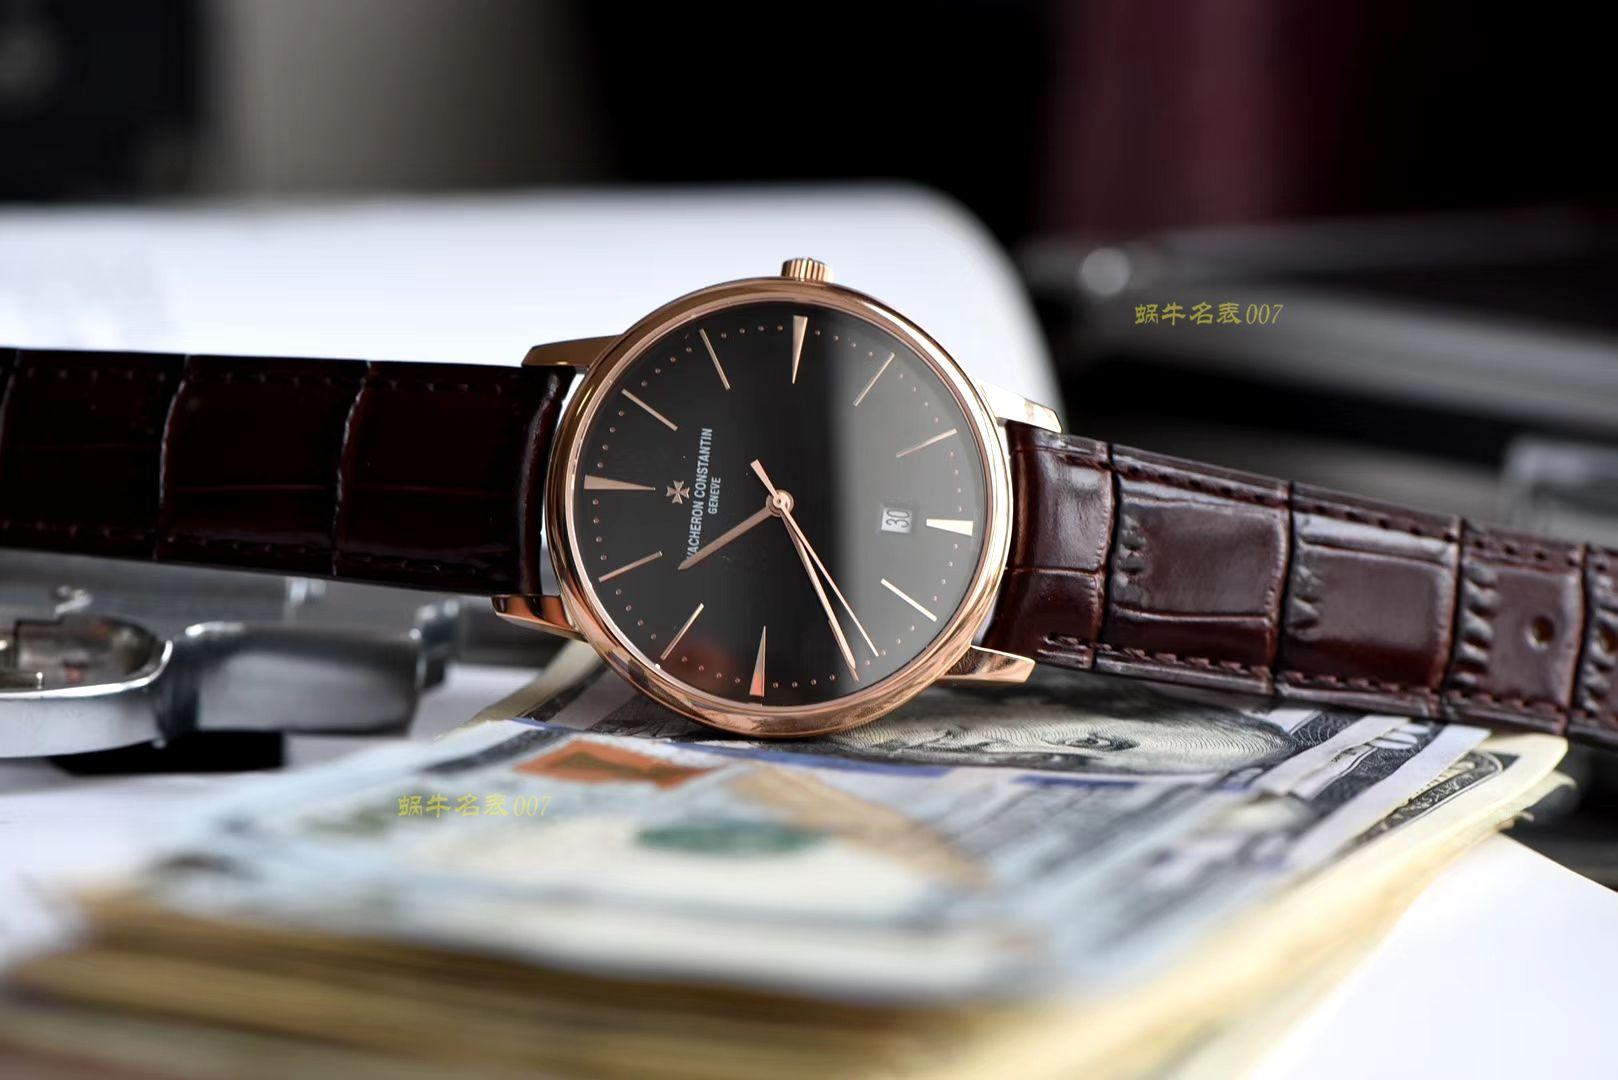 江诗丹顿传承系列85180/000R-9166腕表【台湾厂一比一精仿手表】 / JS196